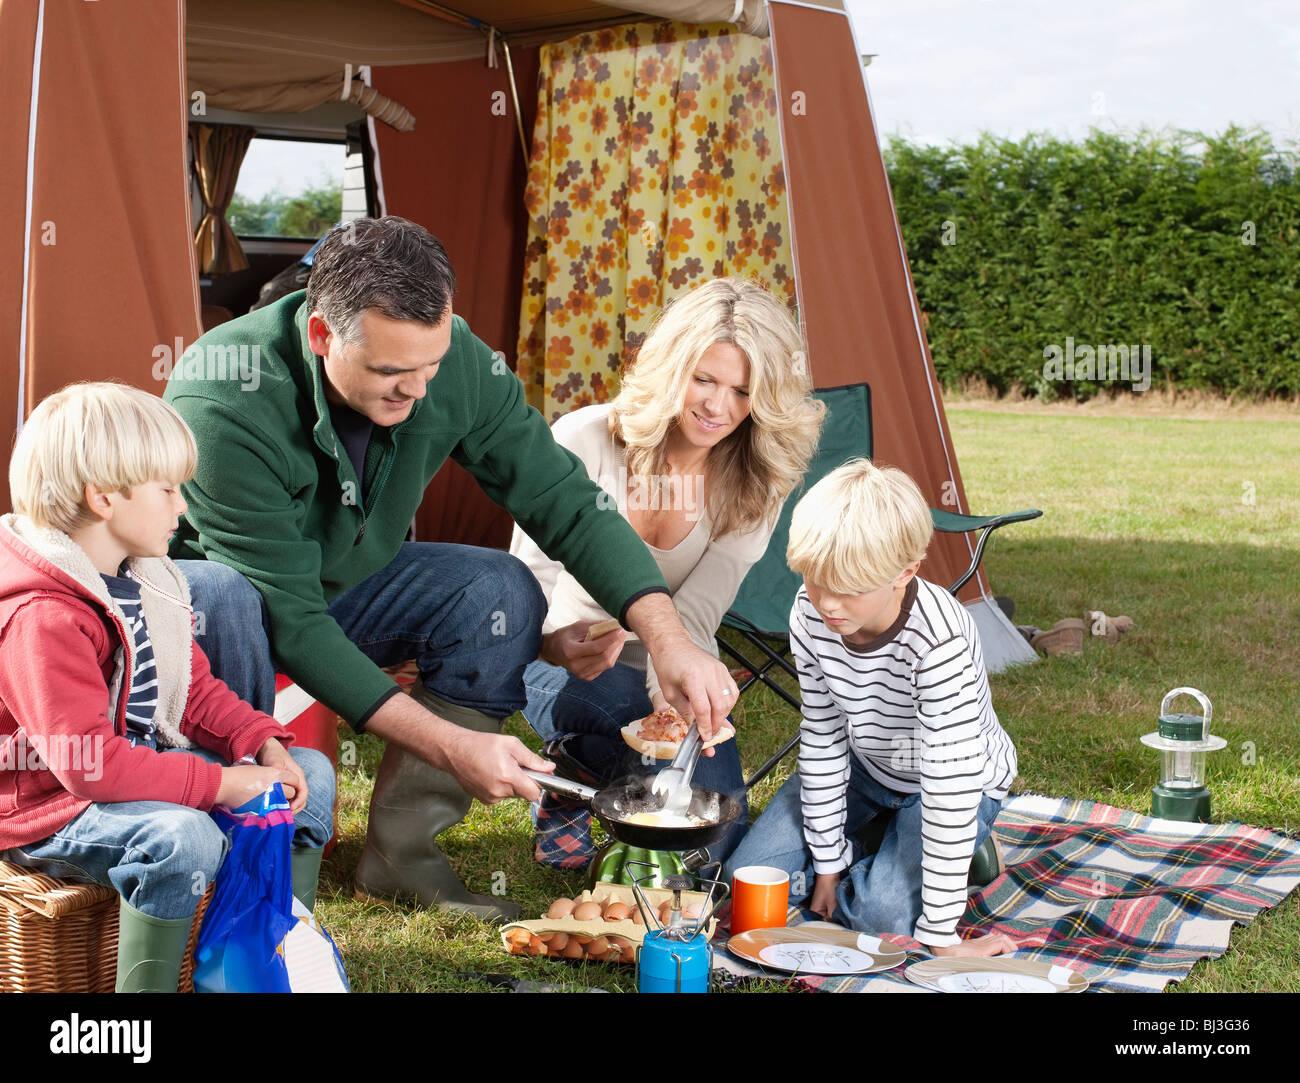 Cuisine familiale vos repas en plein air Banque D'Images